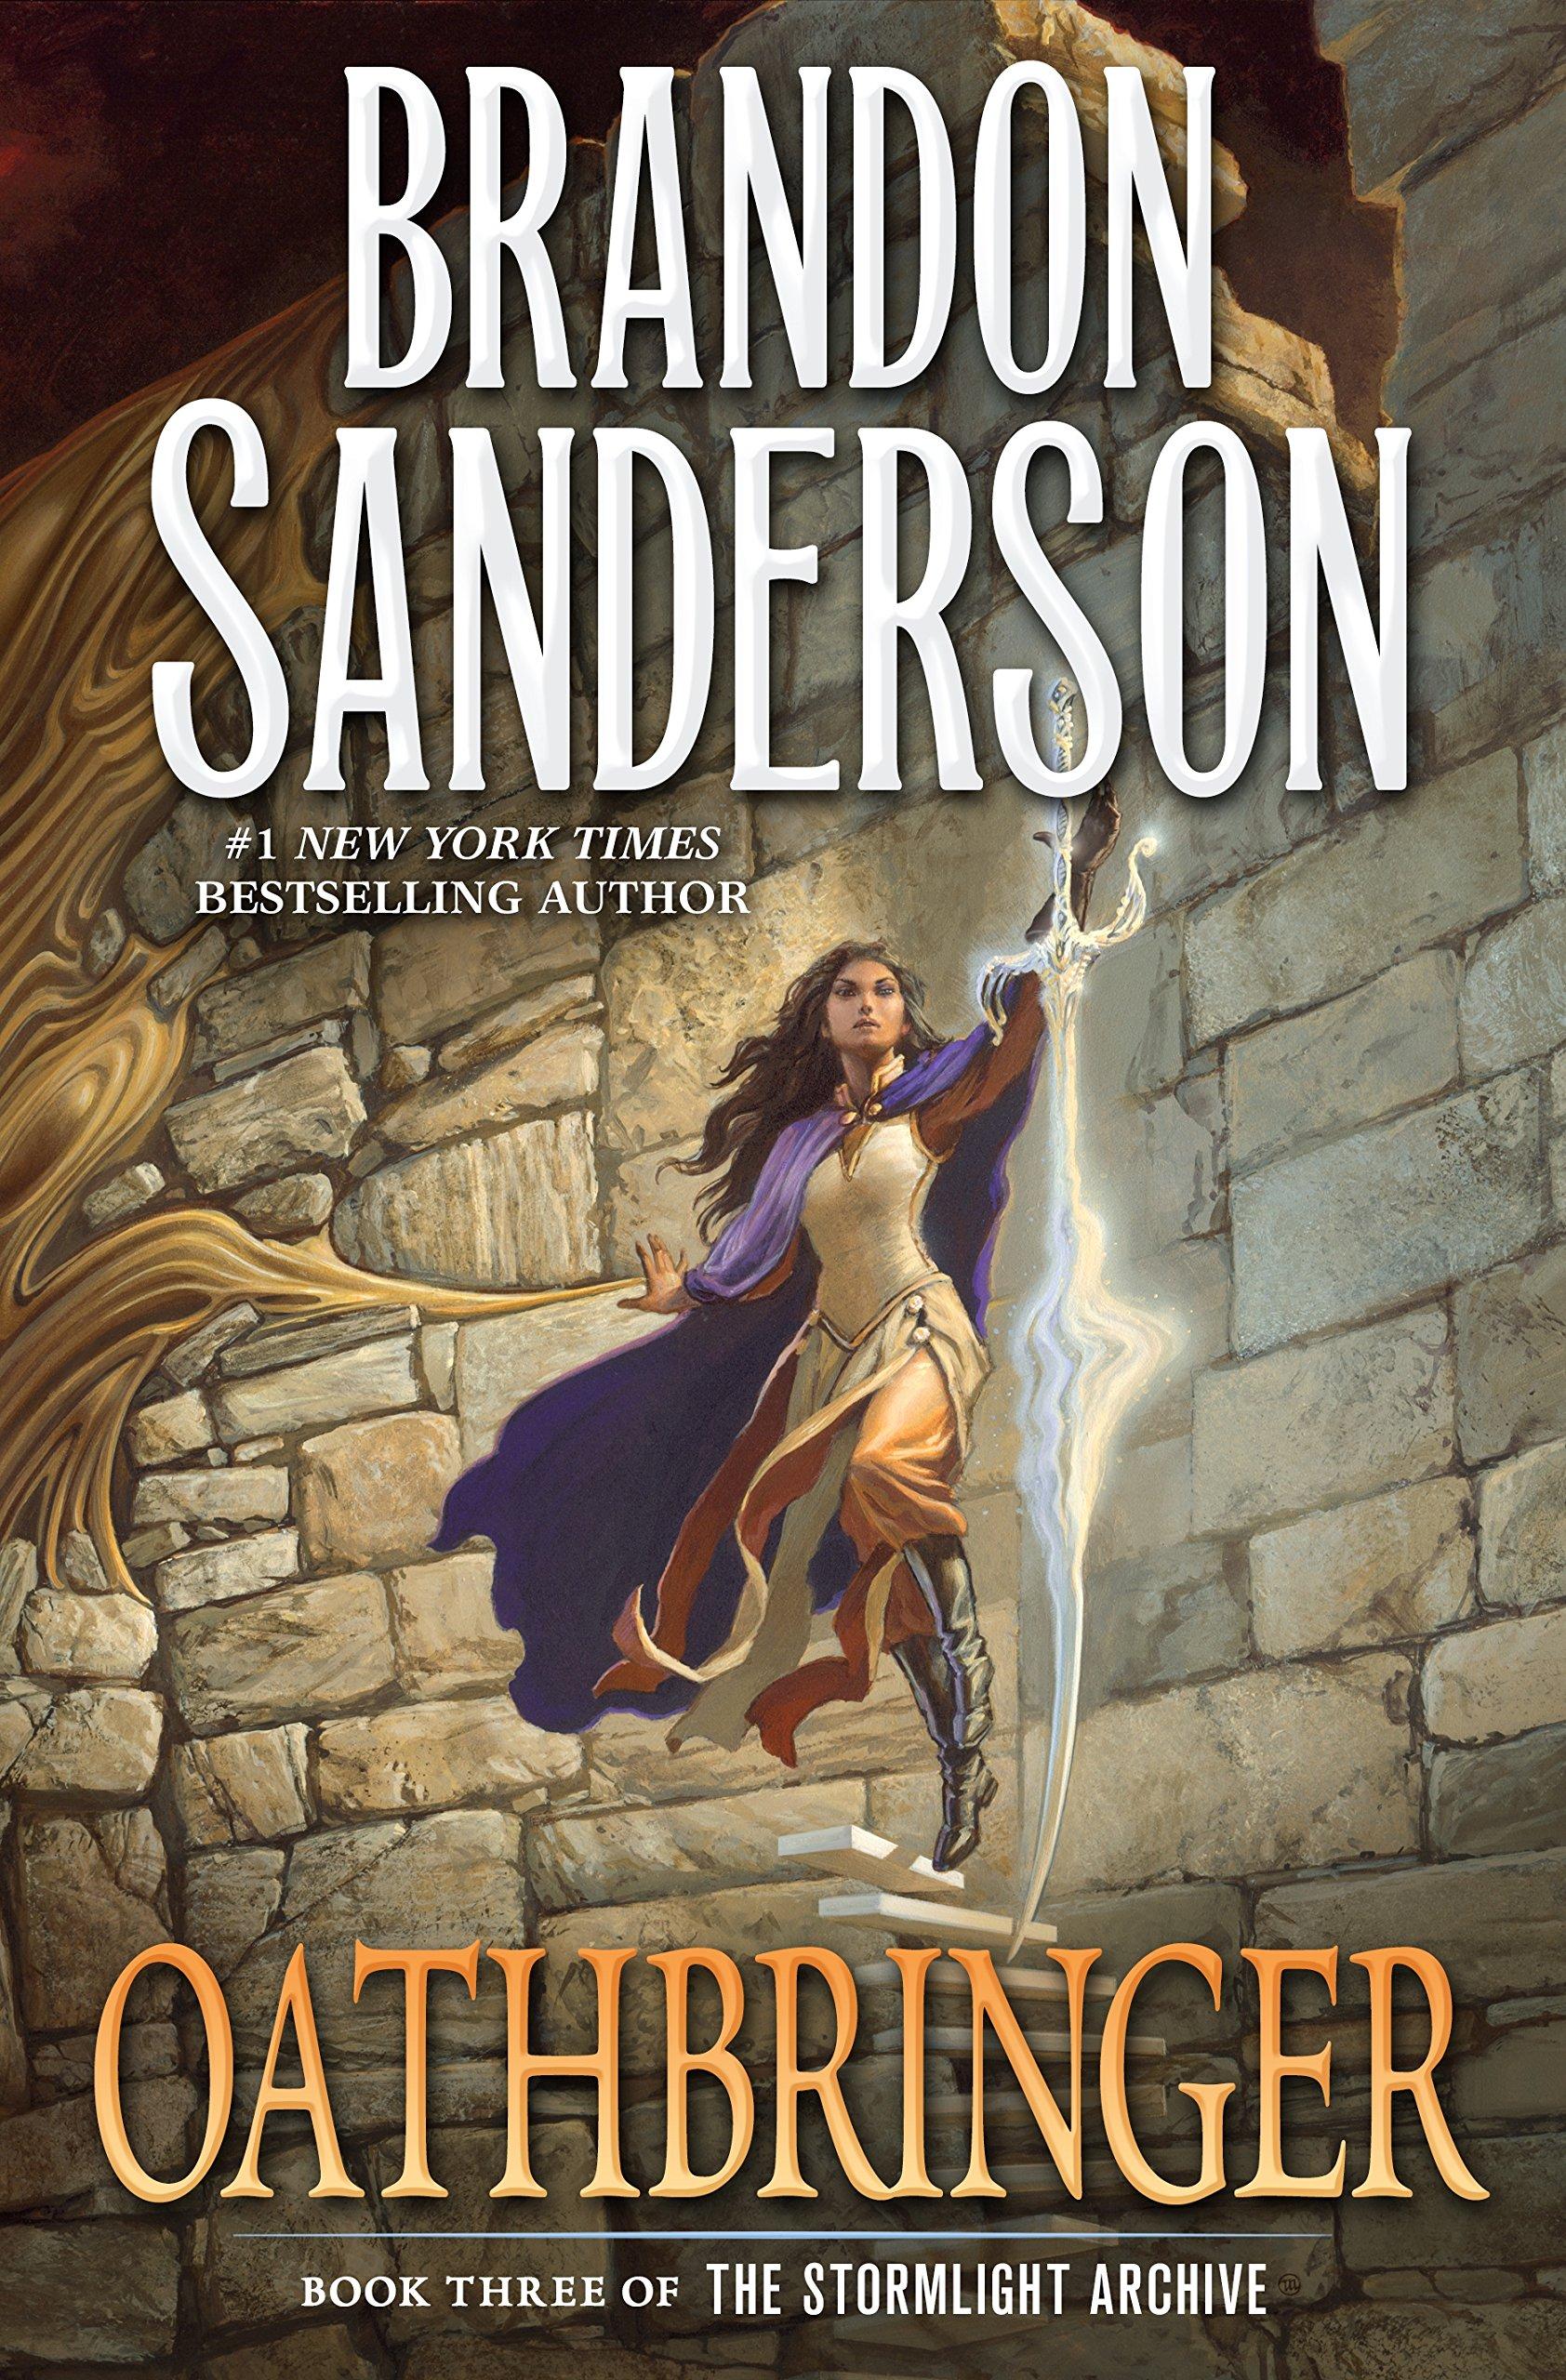 Oathbringer (Stormlight Archive): Amazon.es: Brandon Sanderson: Libros en idiomas extranjeros